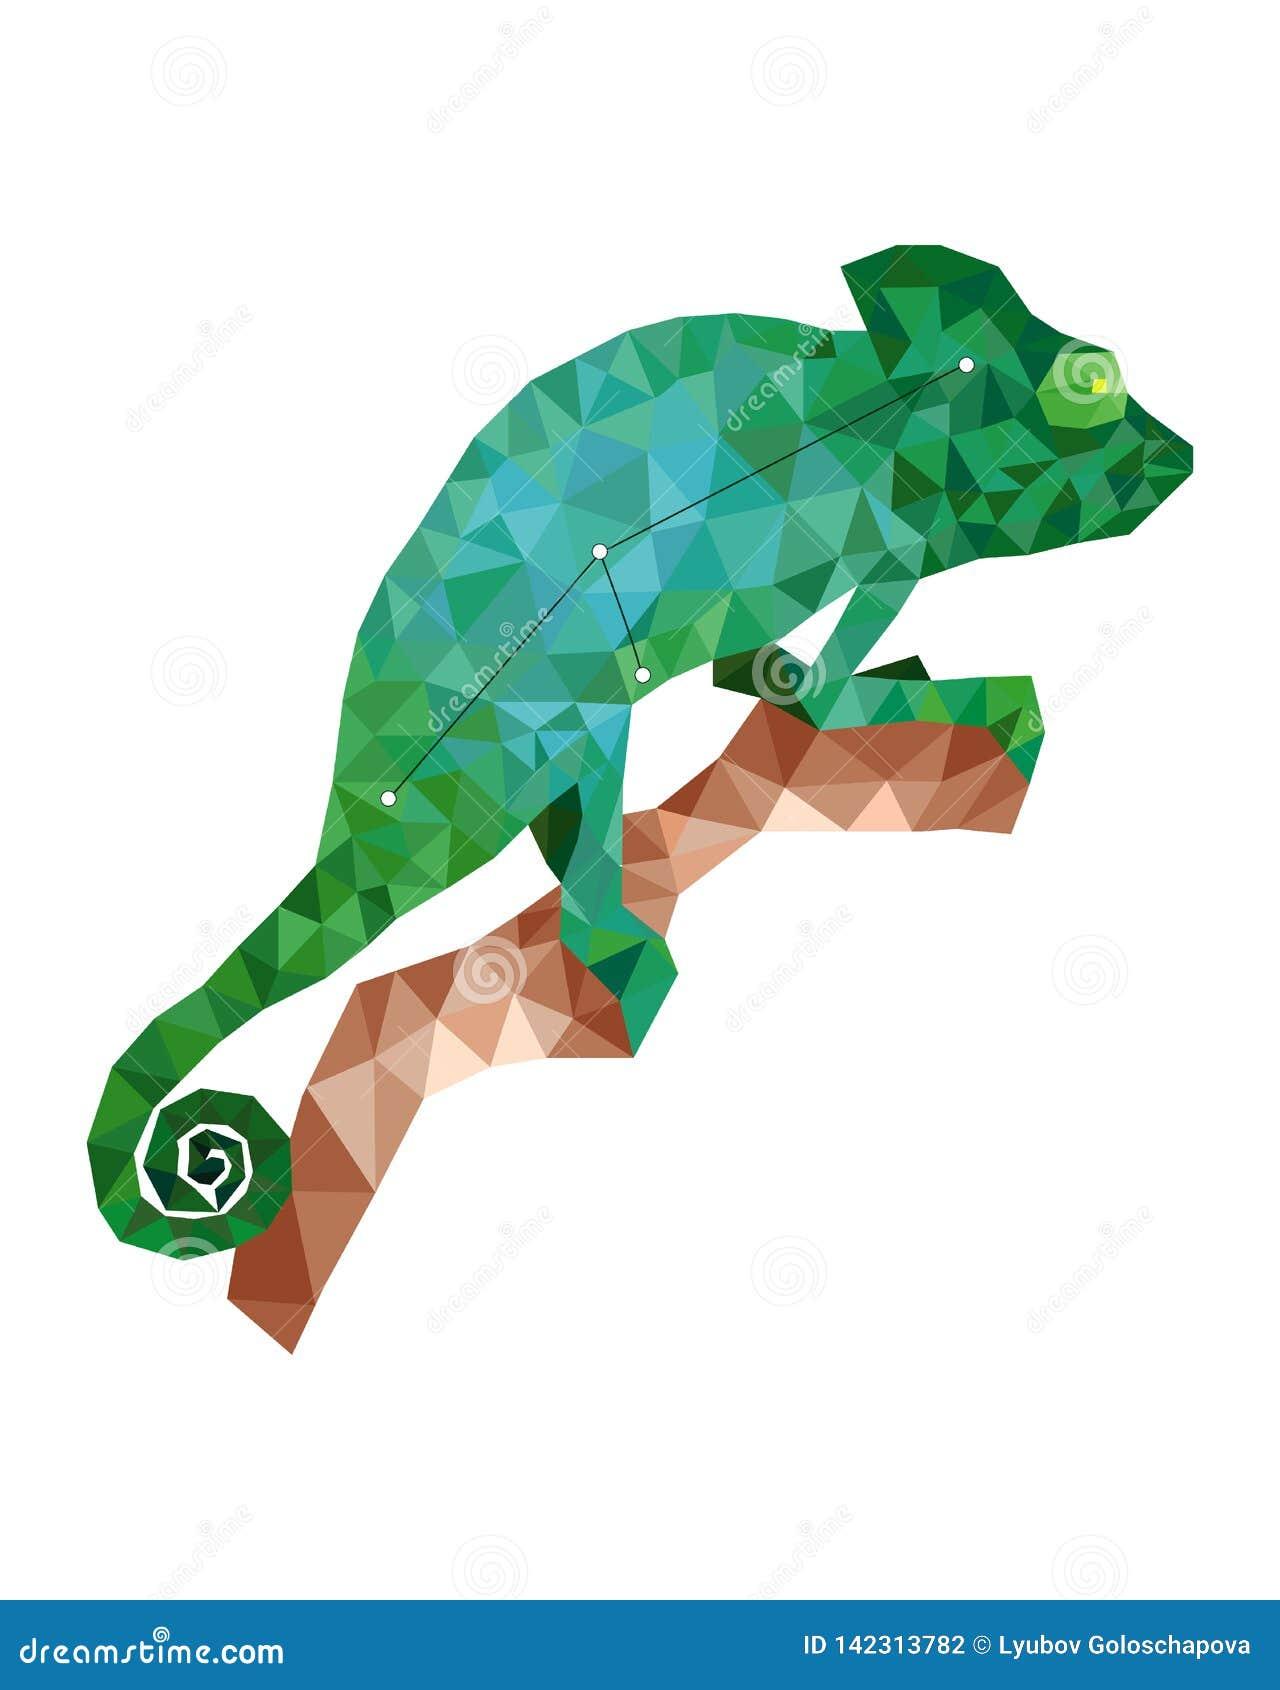 Красочная диаграмма хамелеон зеленого цвета artof в полигональном стиле